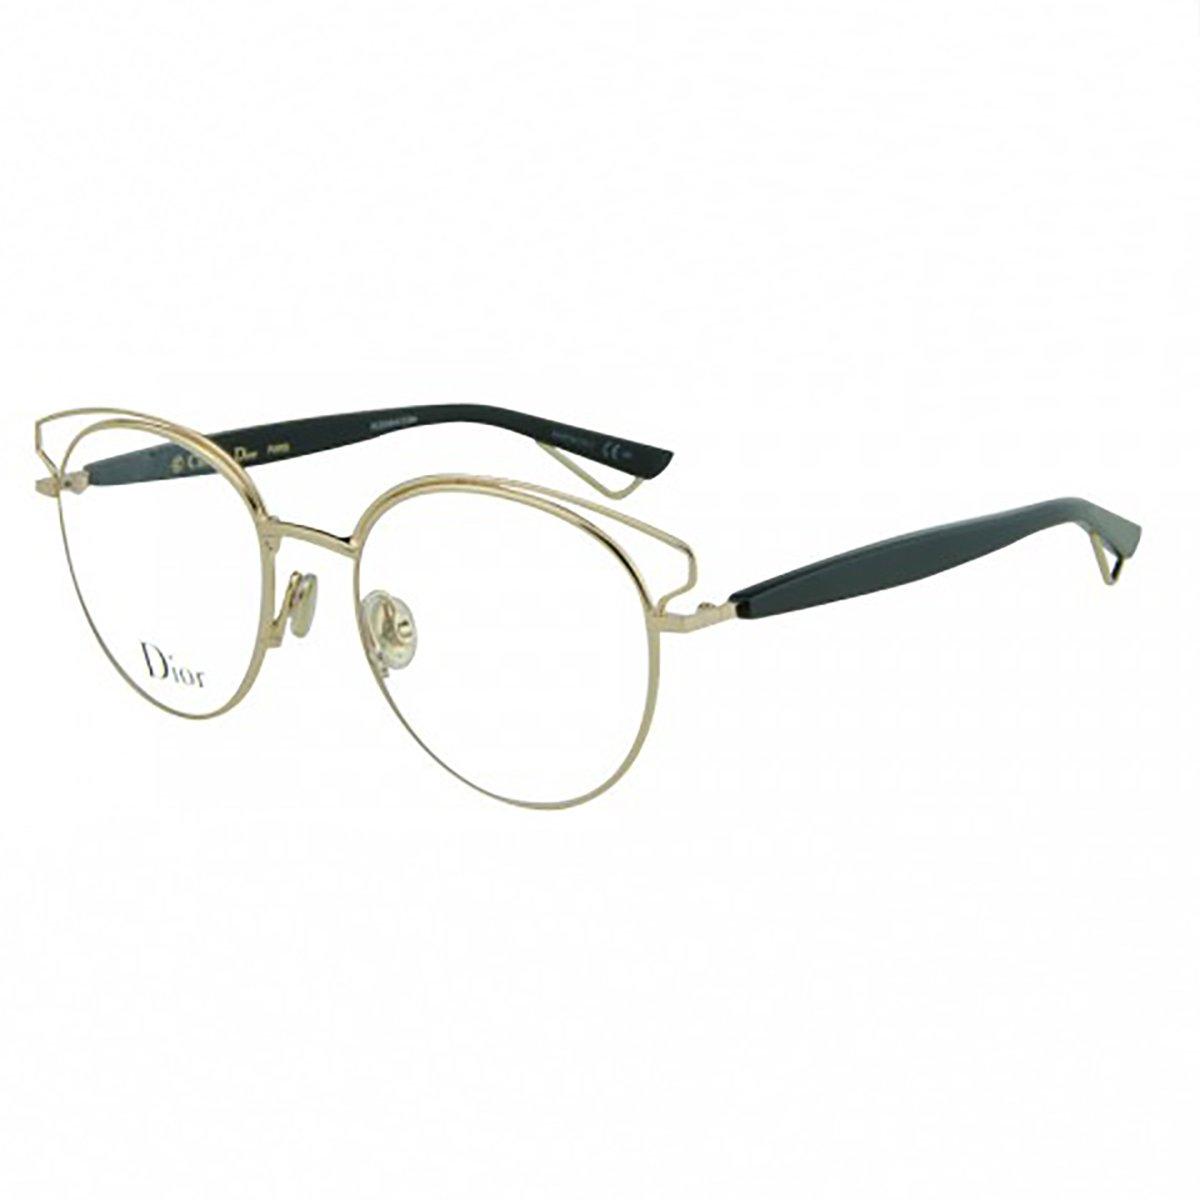 471f15f6a0c4b Compre Óculos de Grau Dior Sideral em 10X